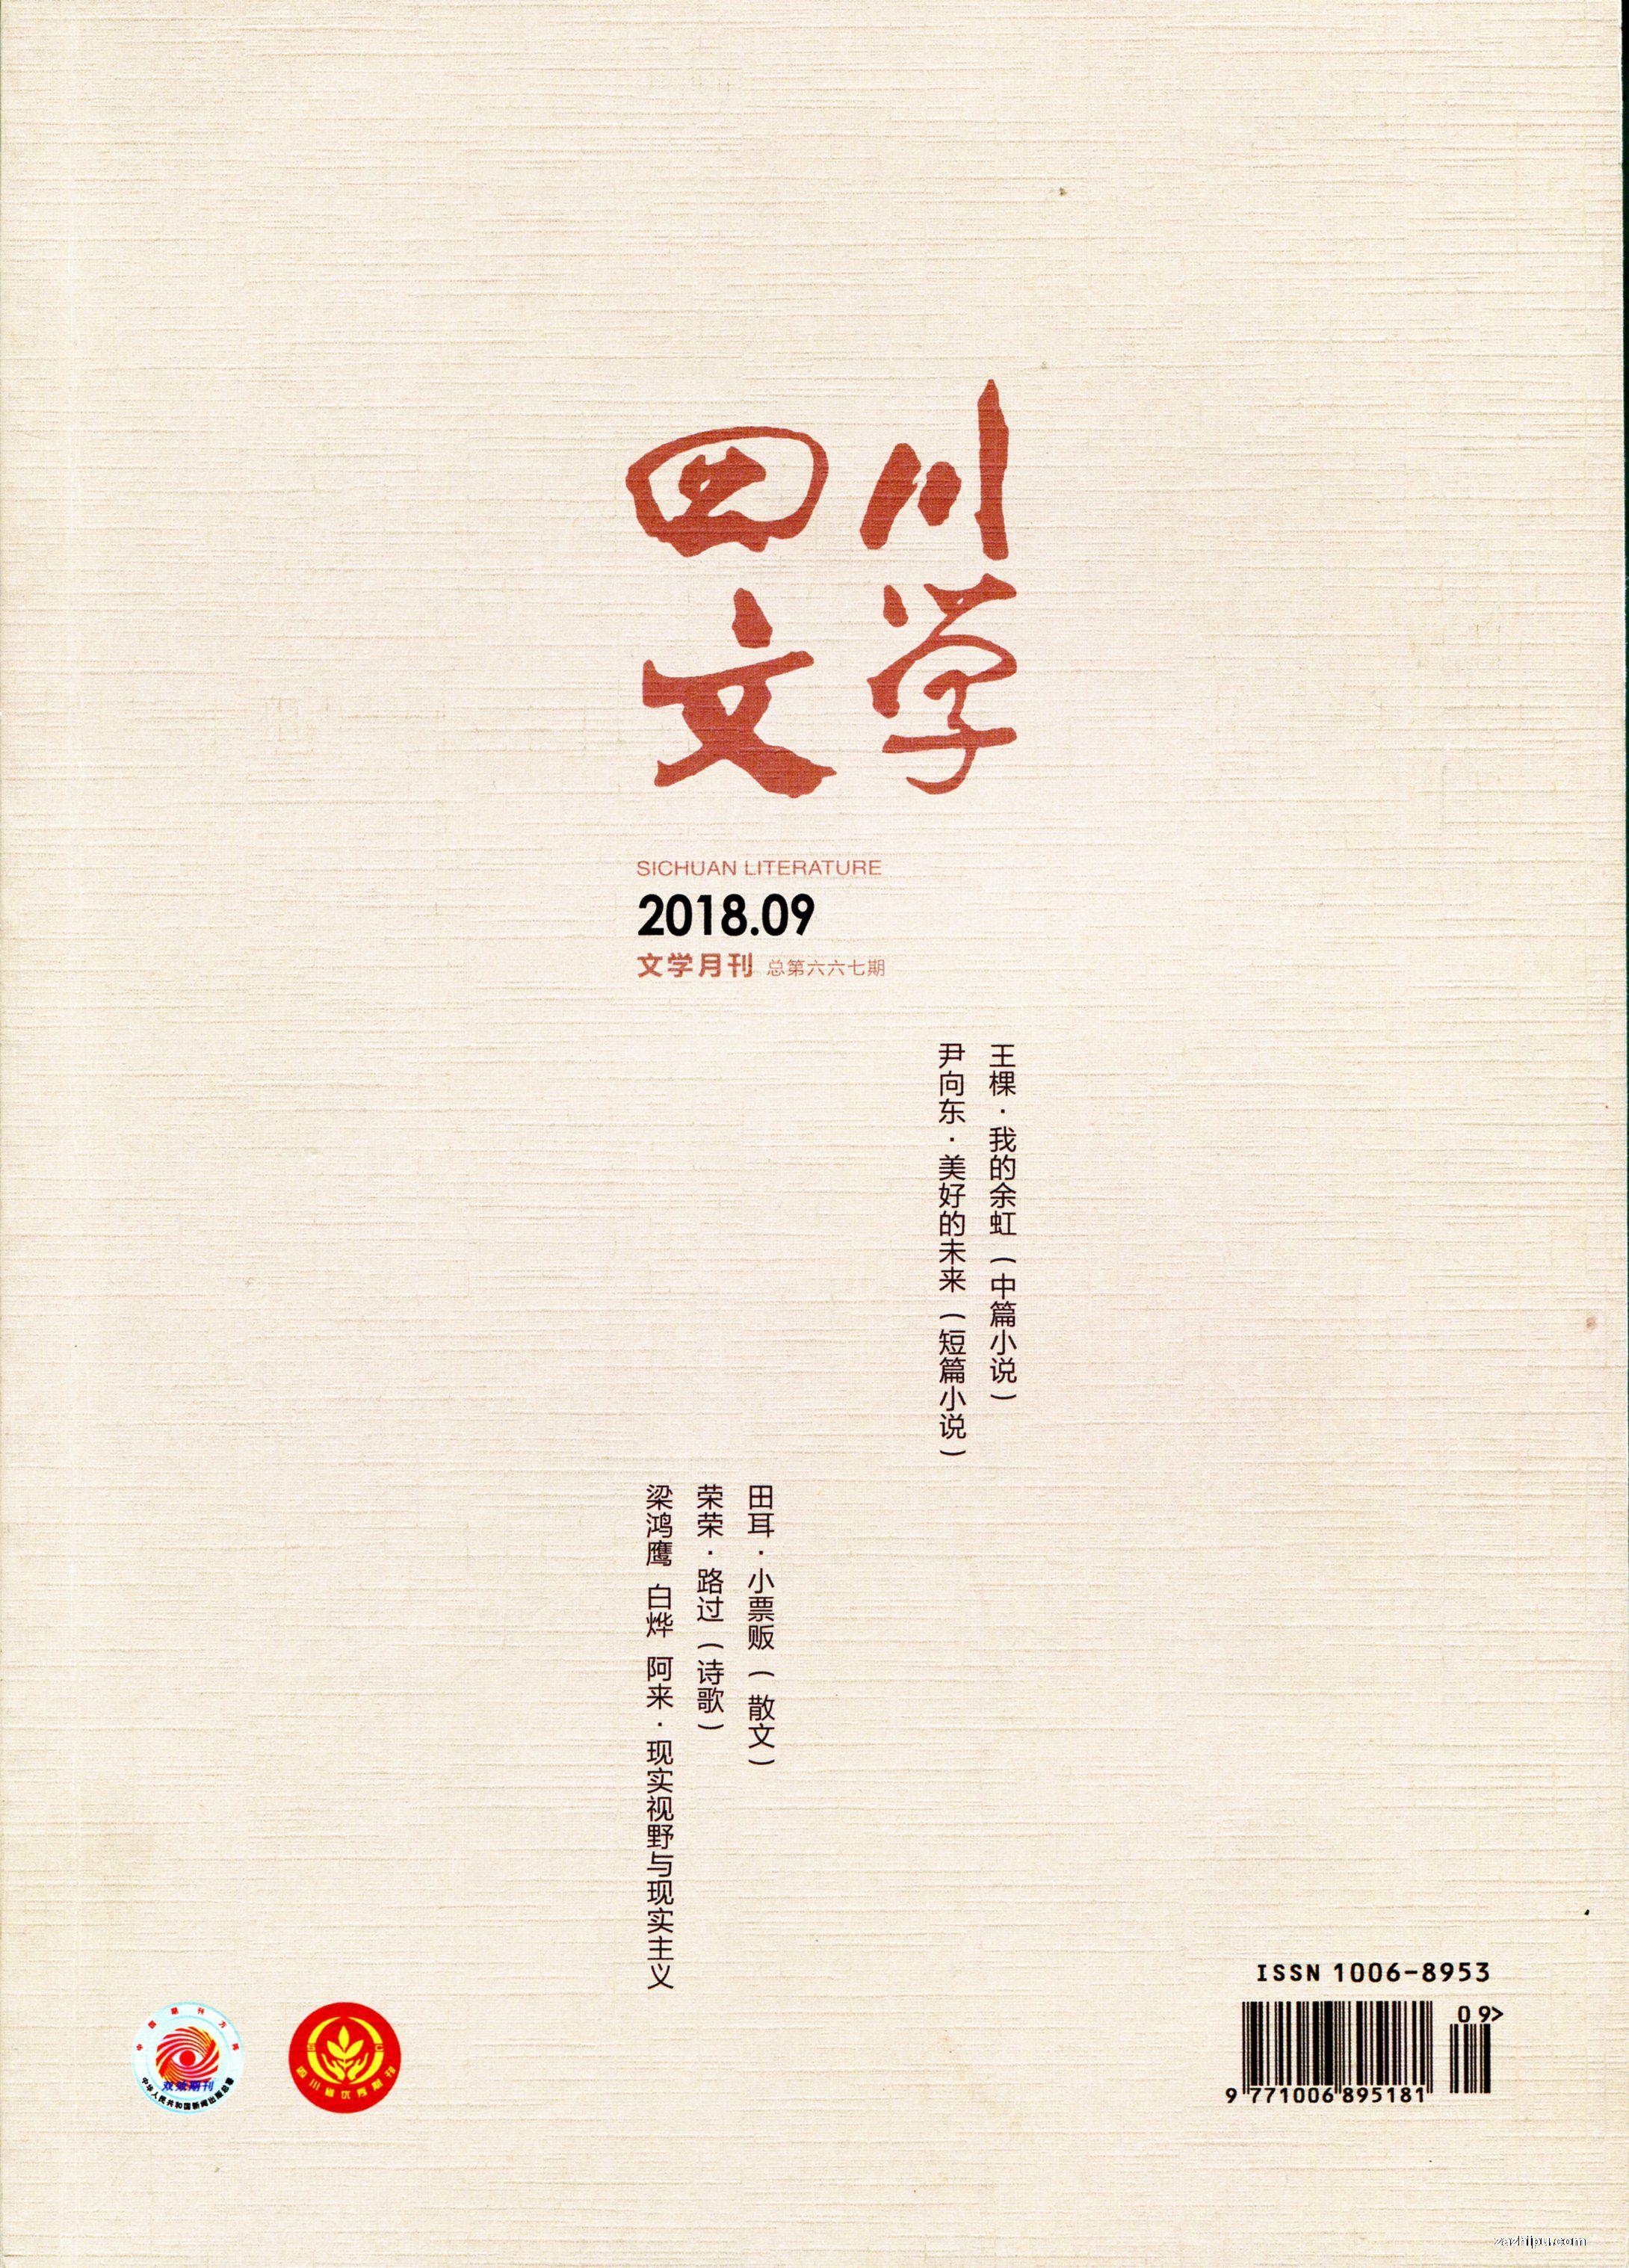 四川文学杂志封面